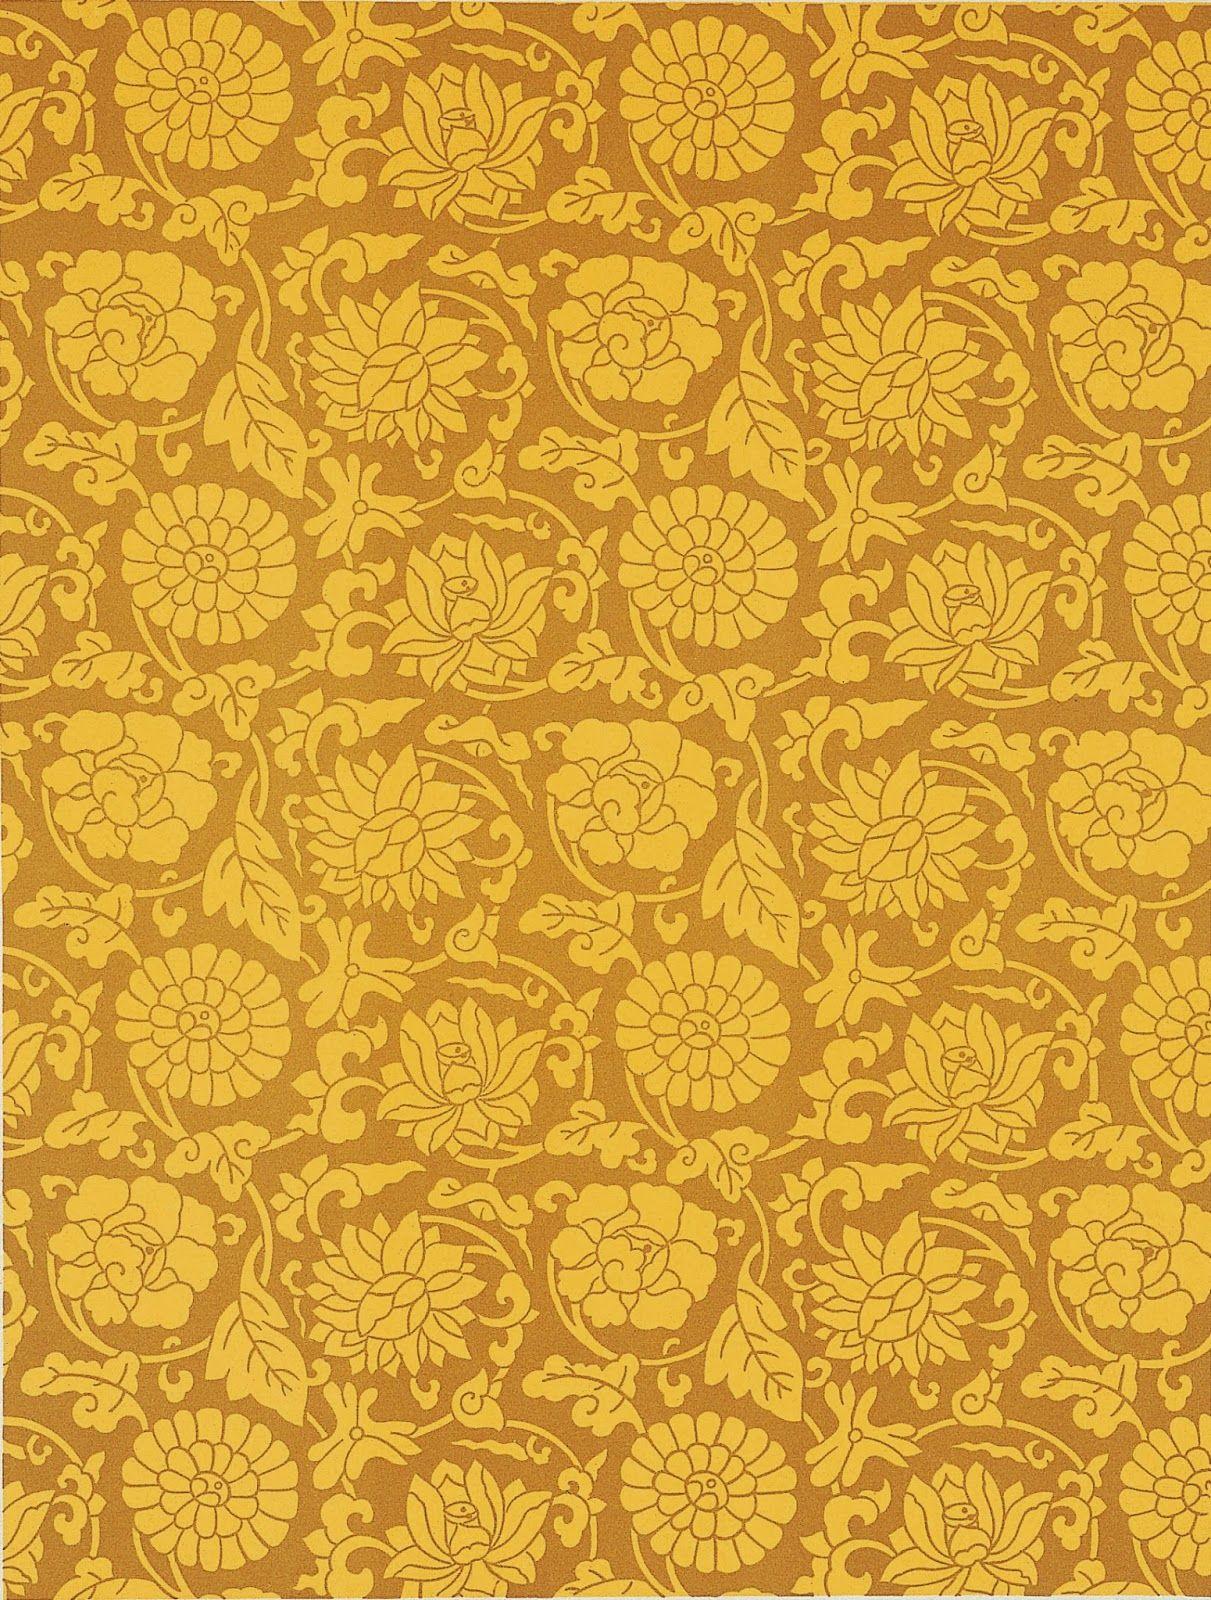 Chinese pattern | FABRIC & WALLPAPER | Pinterest | Chinese ... | 1211 x 1600 jpeg 422kB